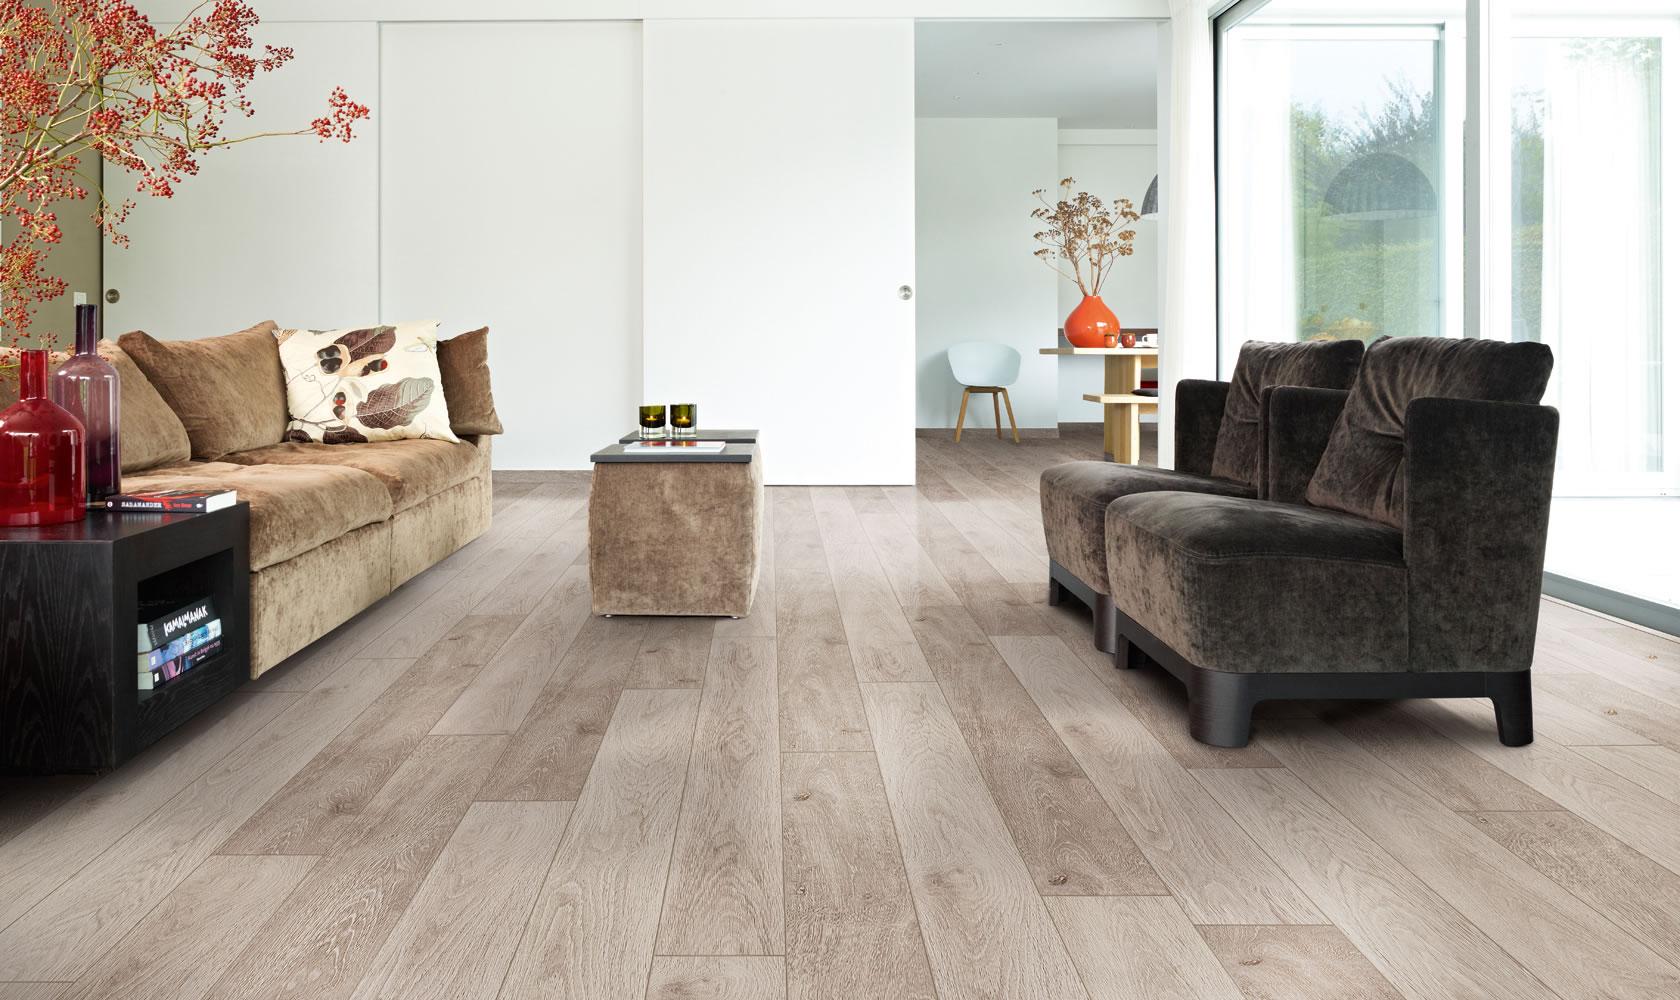 tradition_quattro-60925-cevennes-oak